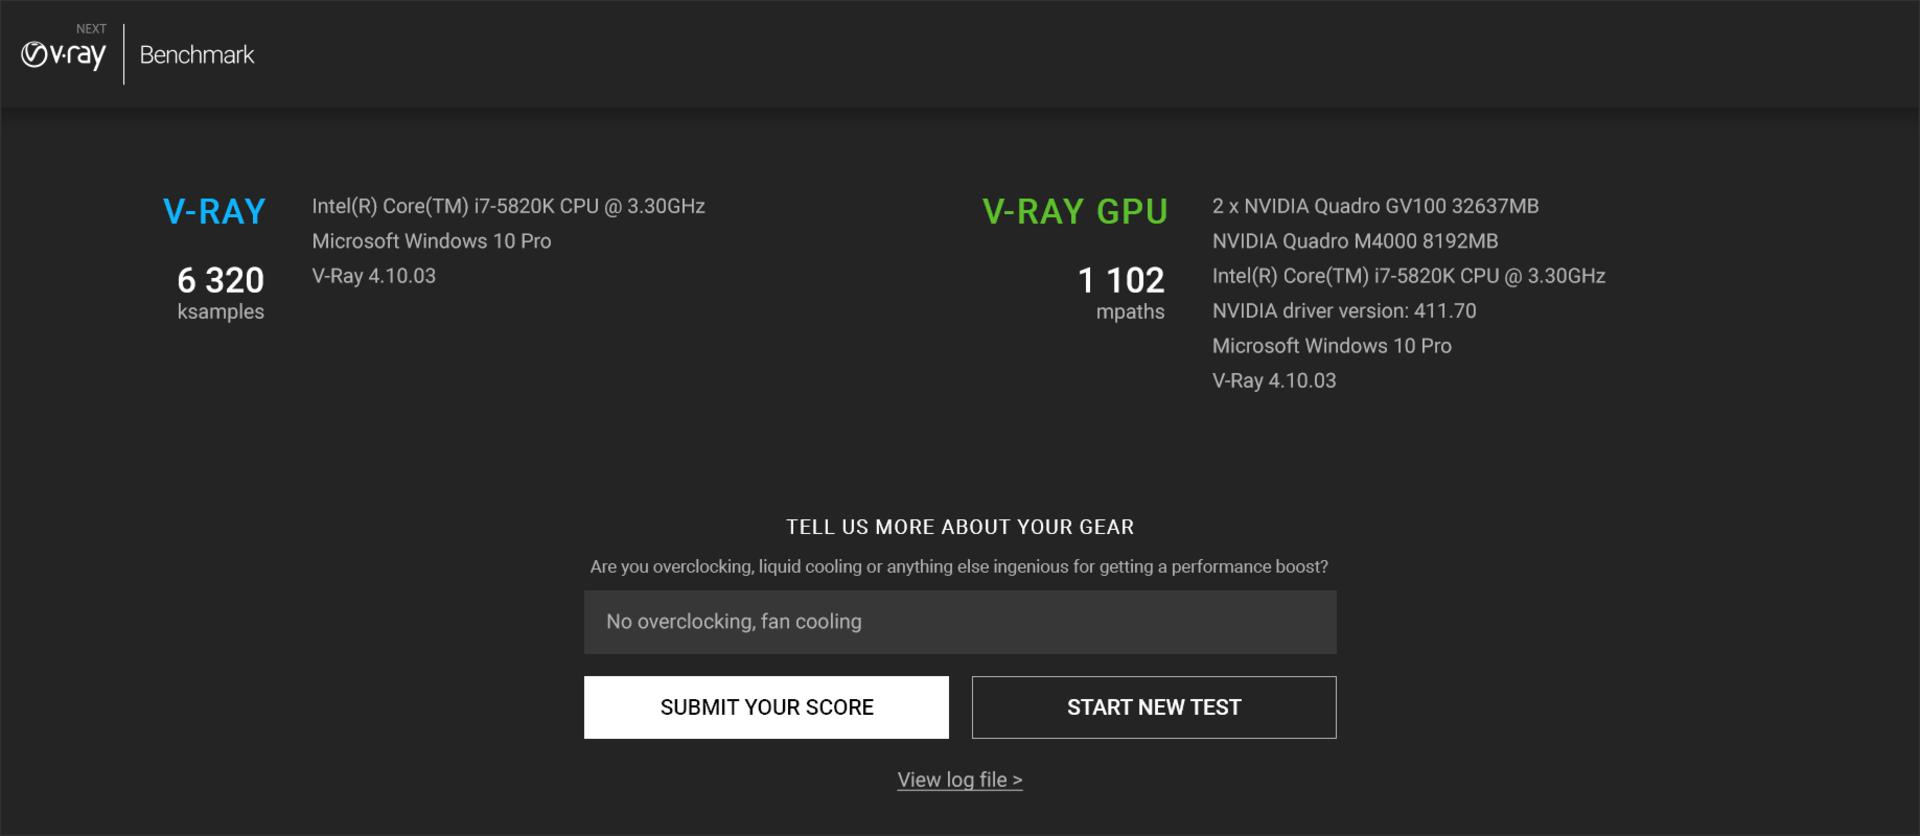 Udostępnij wynik testów w serwisie aby porównać wyniki z innymi użytkownikami. (źródło: Chaos Group)